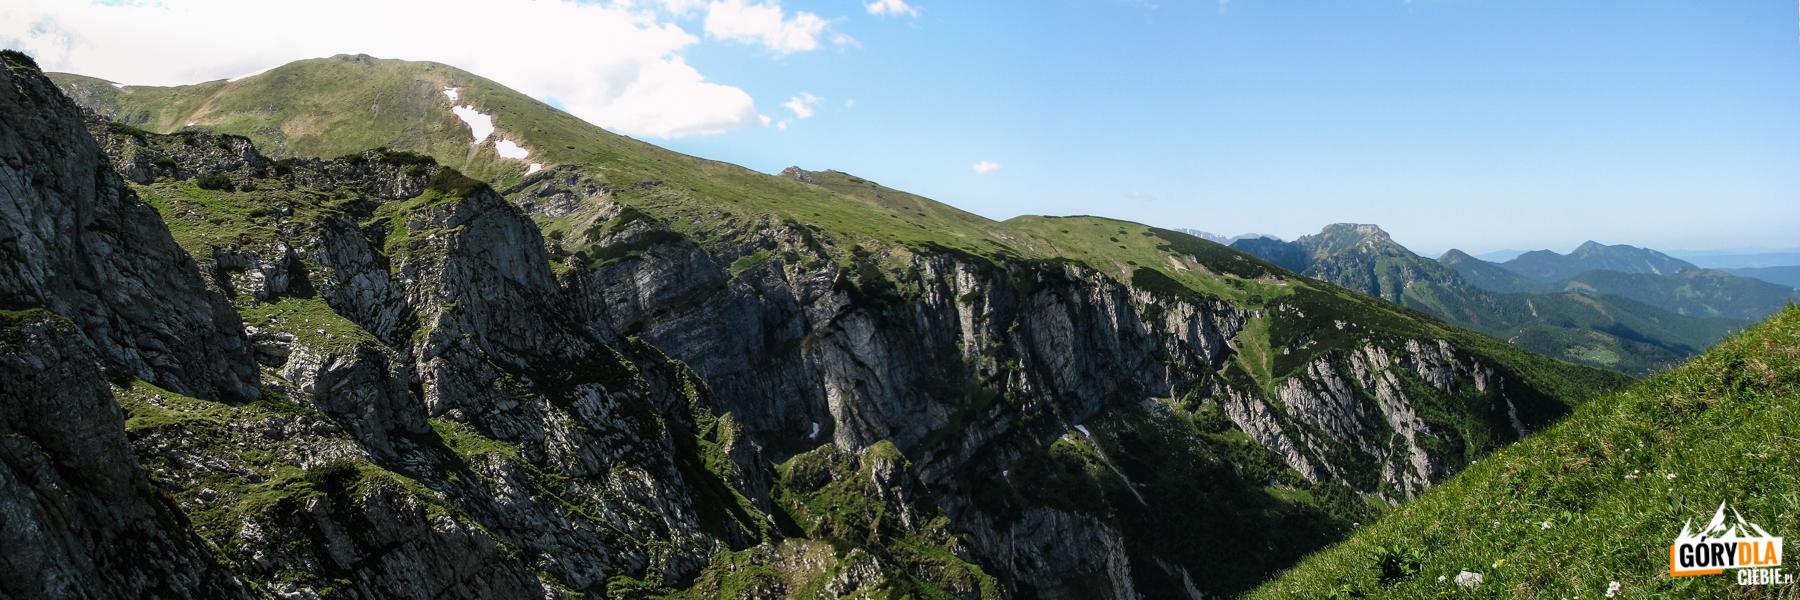 Ciemniak (2096 m) iTwrdy Upłaz opadający zerwami doDoliny Miętusiej